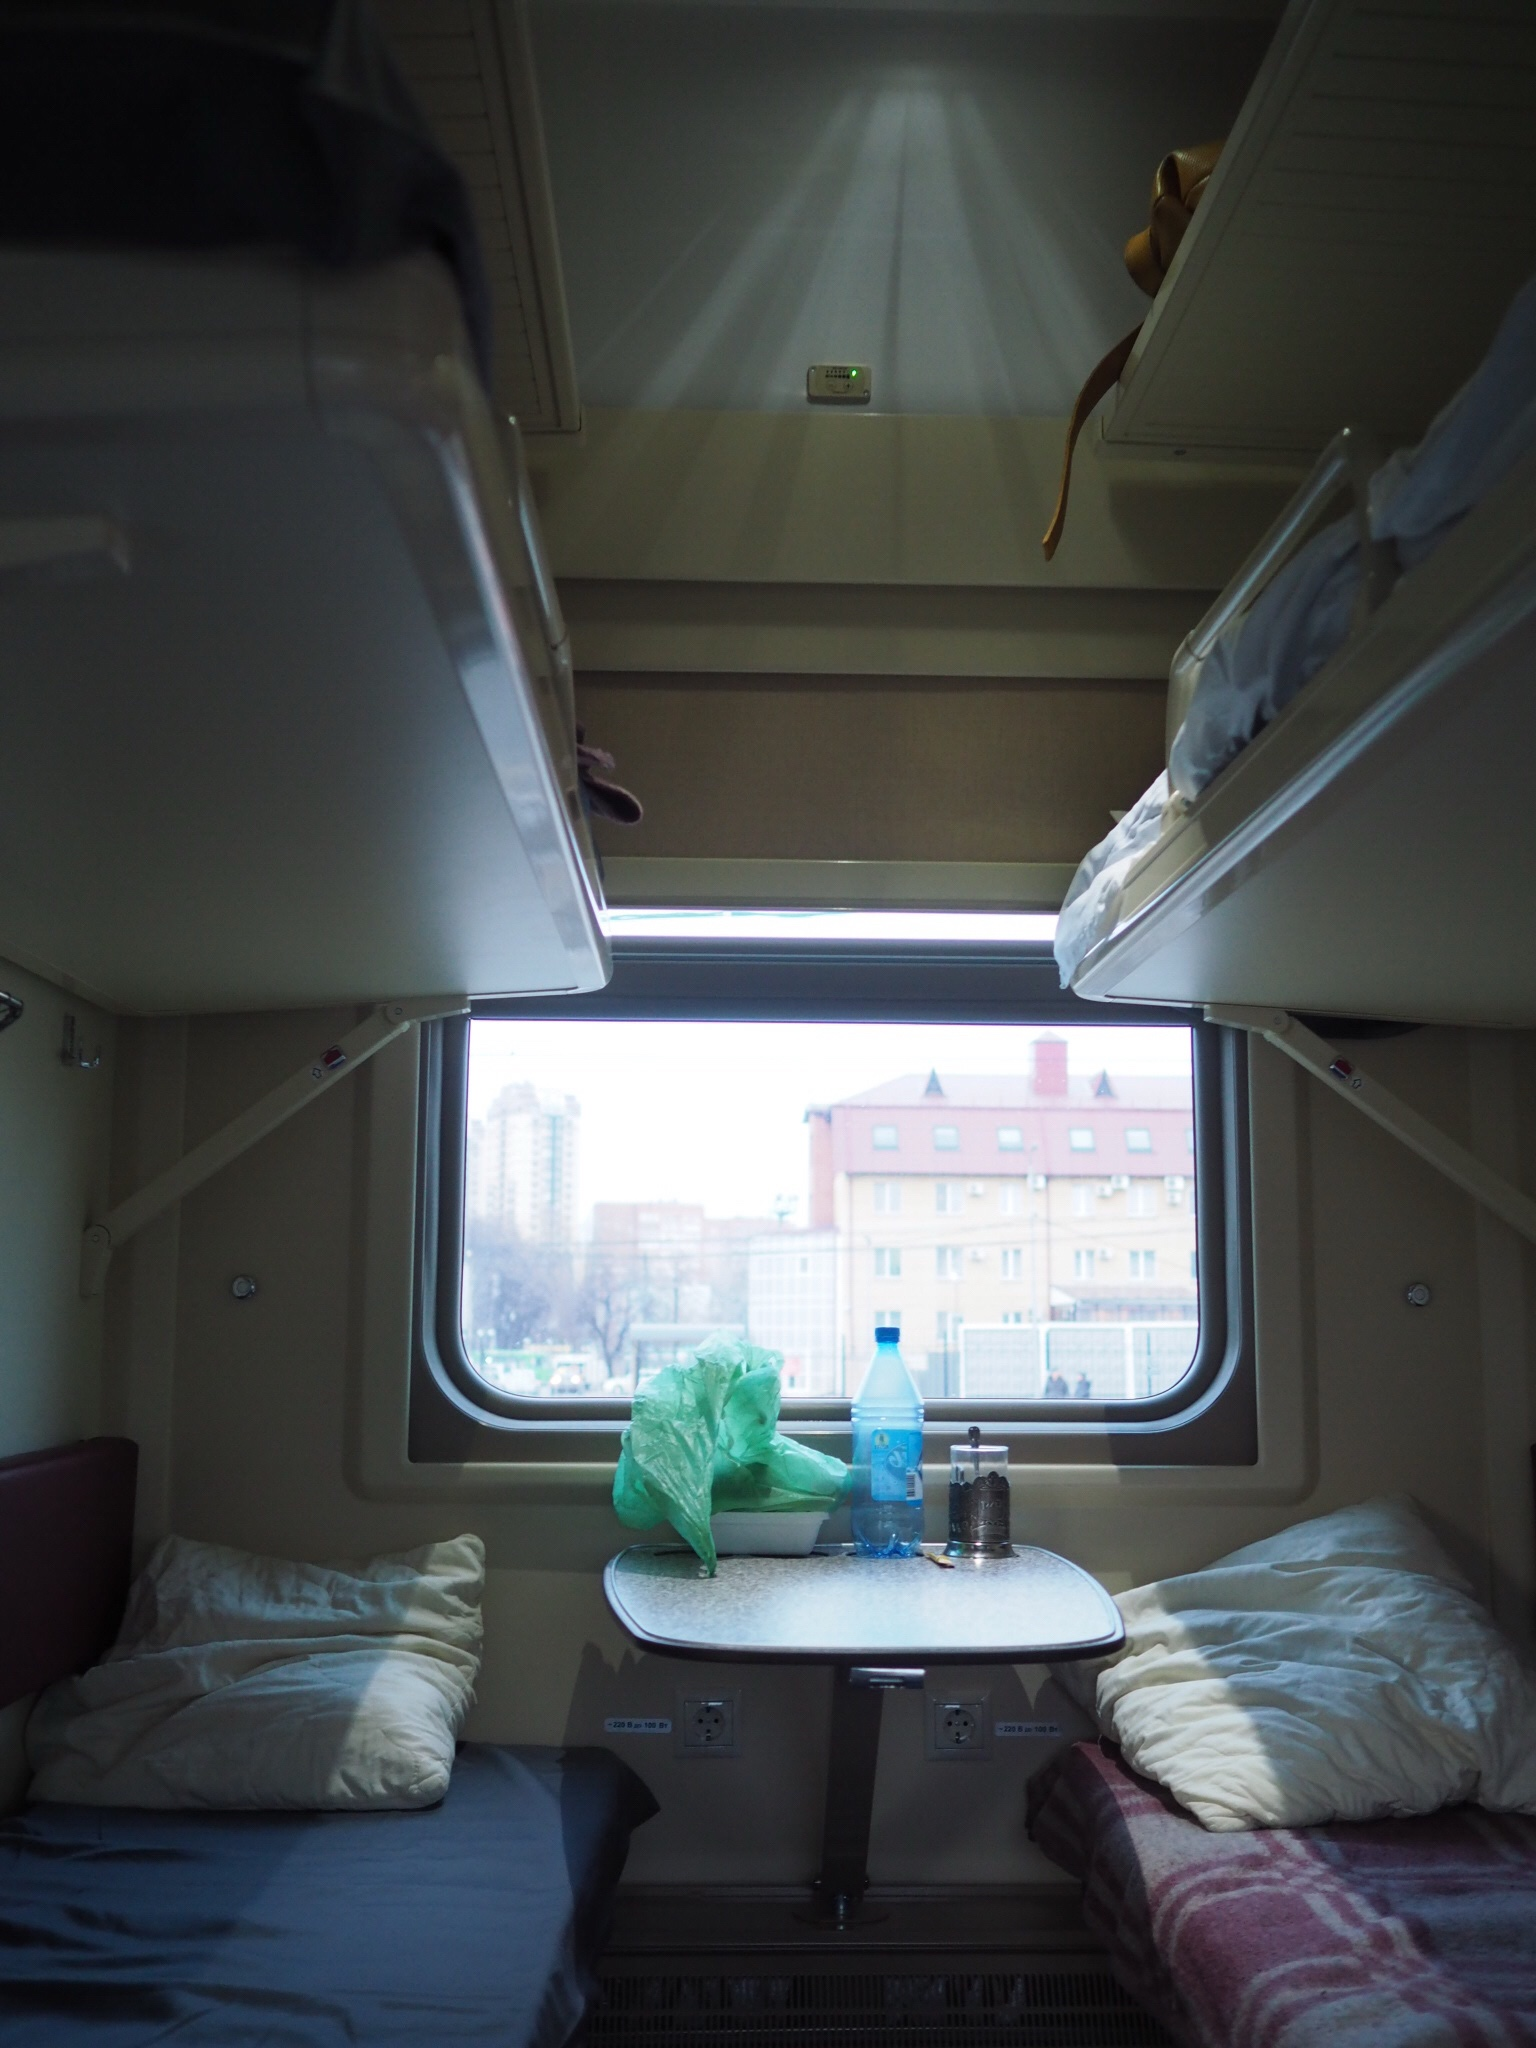 衝撃!シベリア鉄道は2等車よりも3等車の方が快適だった - ミズイロノタビ